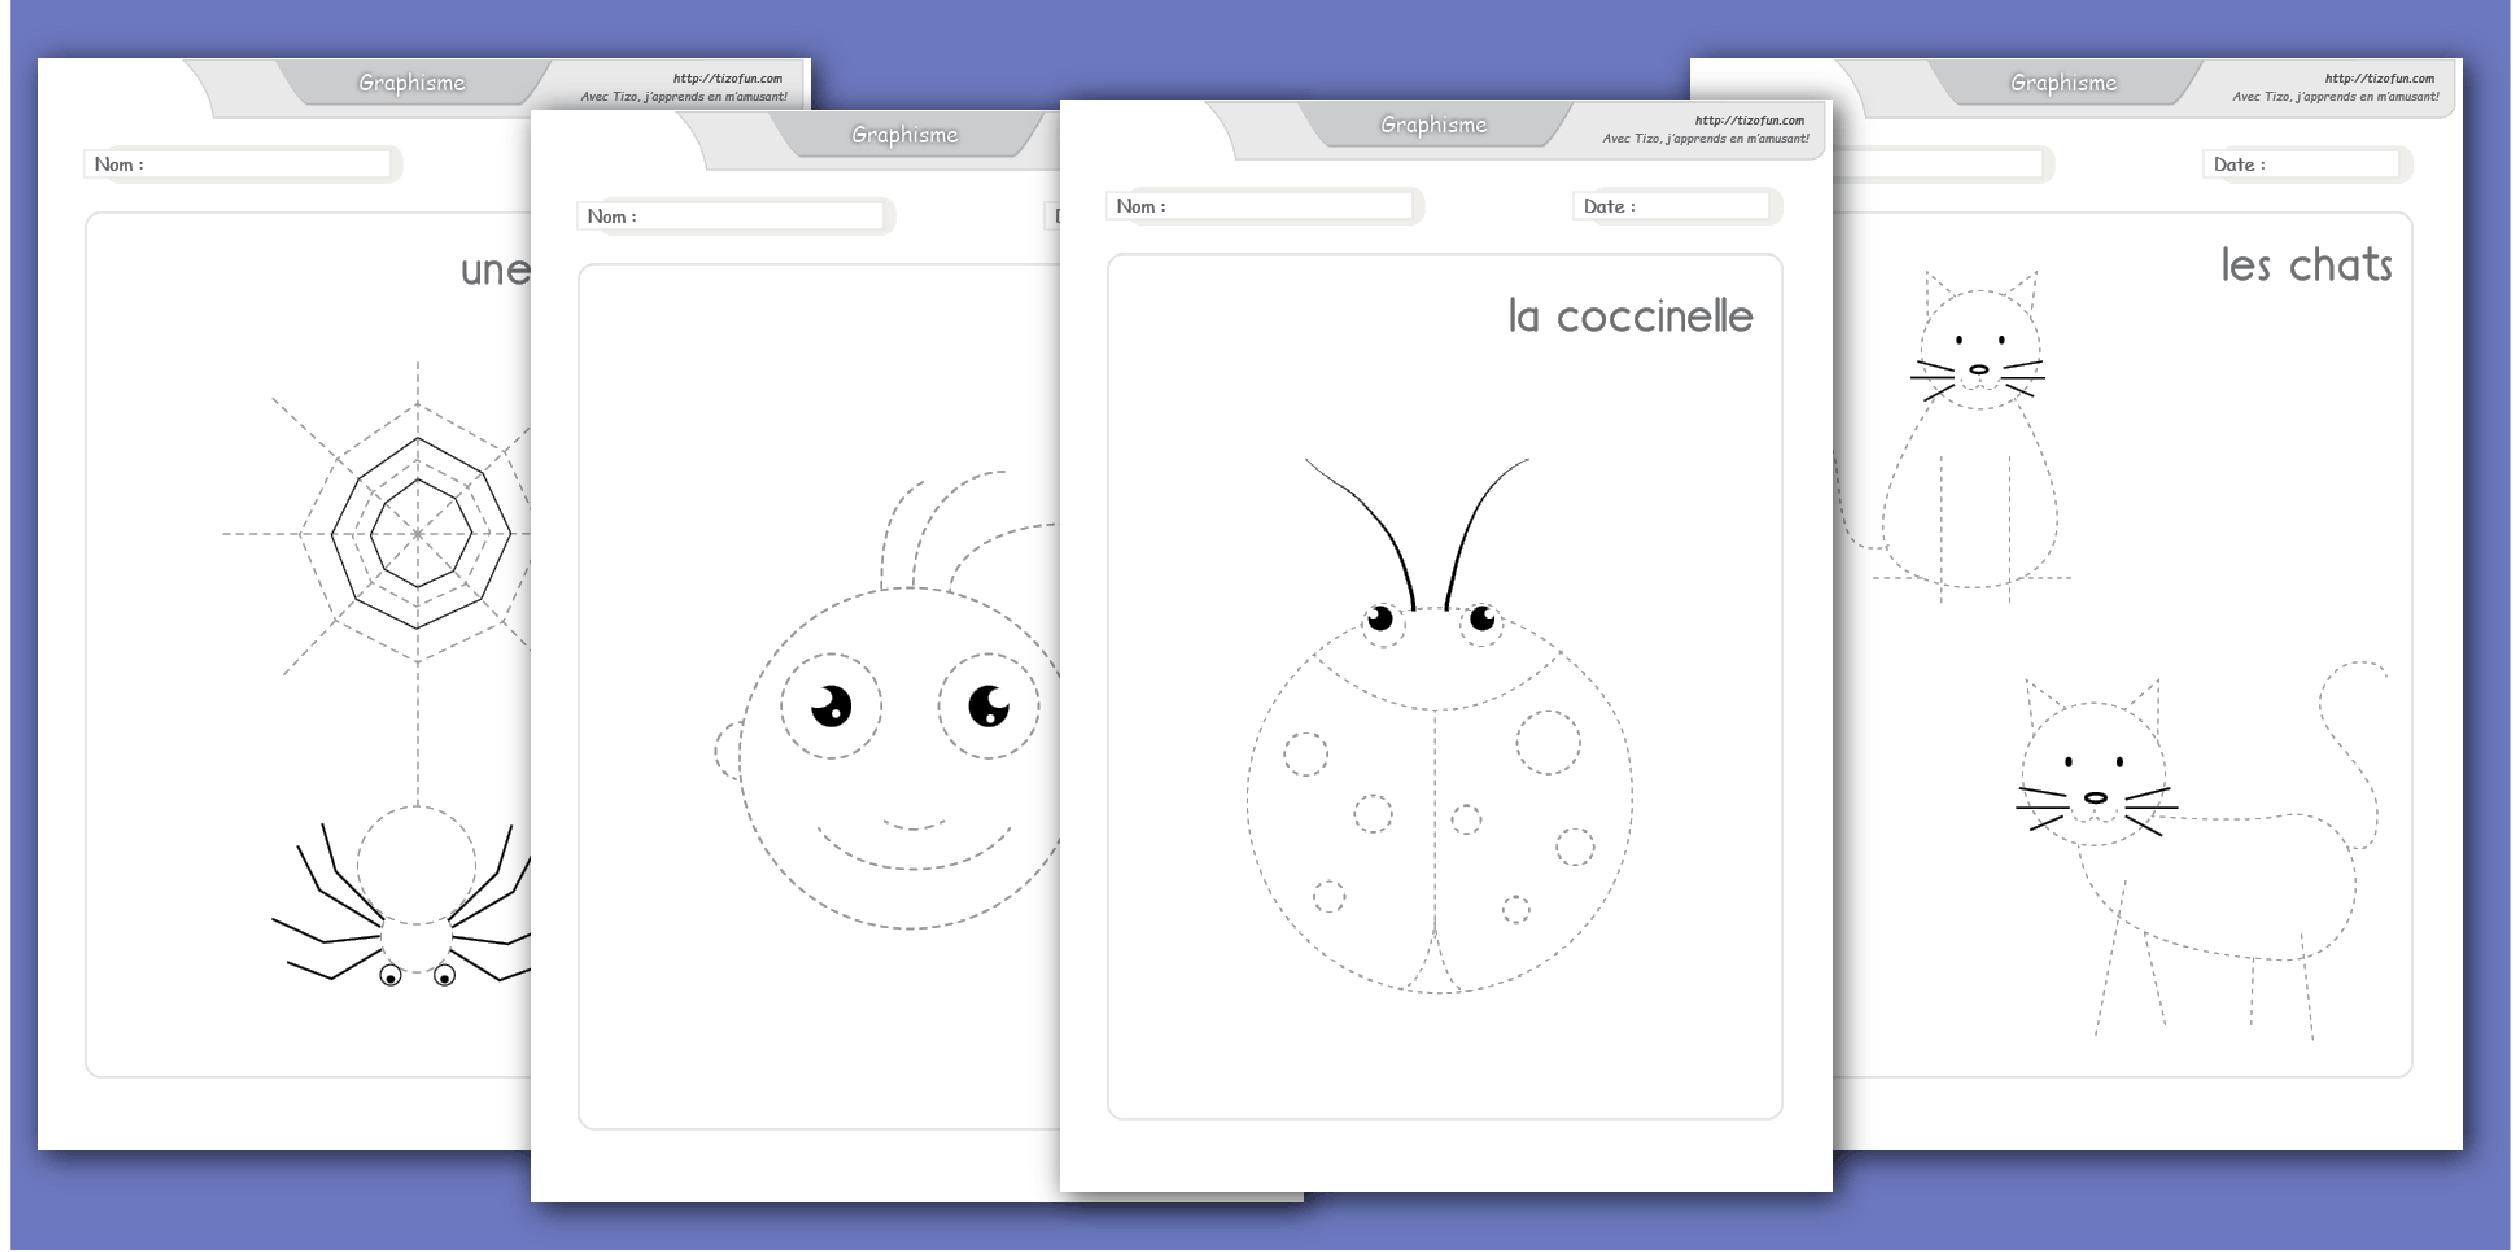 Développer La Motricité Fine Par La Pratique Du Dessin encequiconcerne Exercice Maternelle Petite Section Gratuit En Ligne